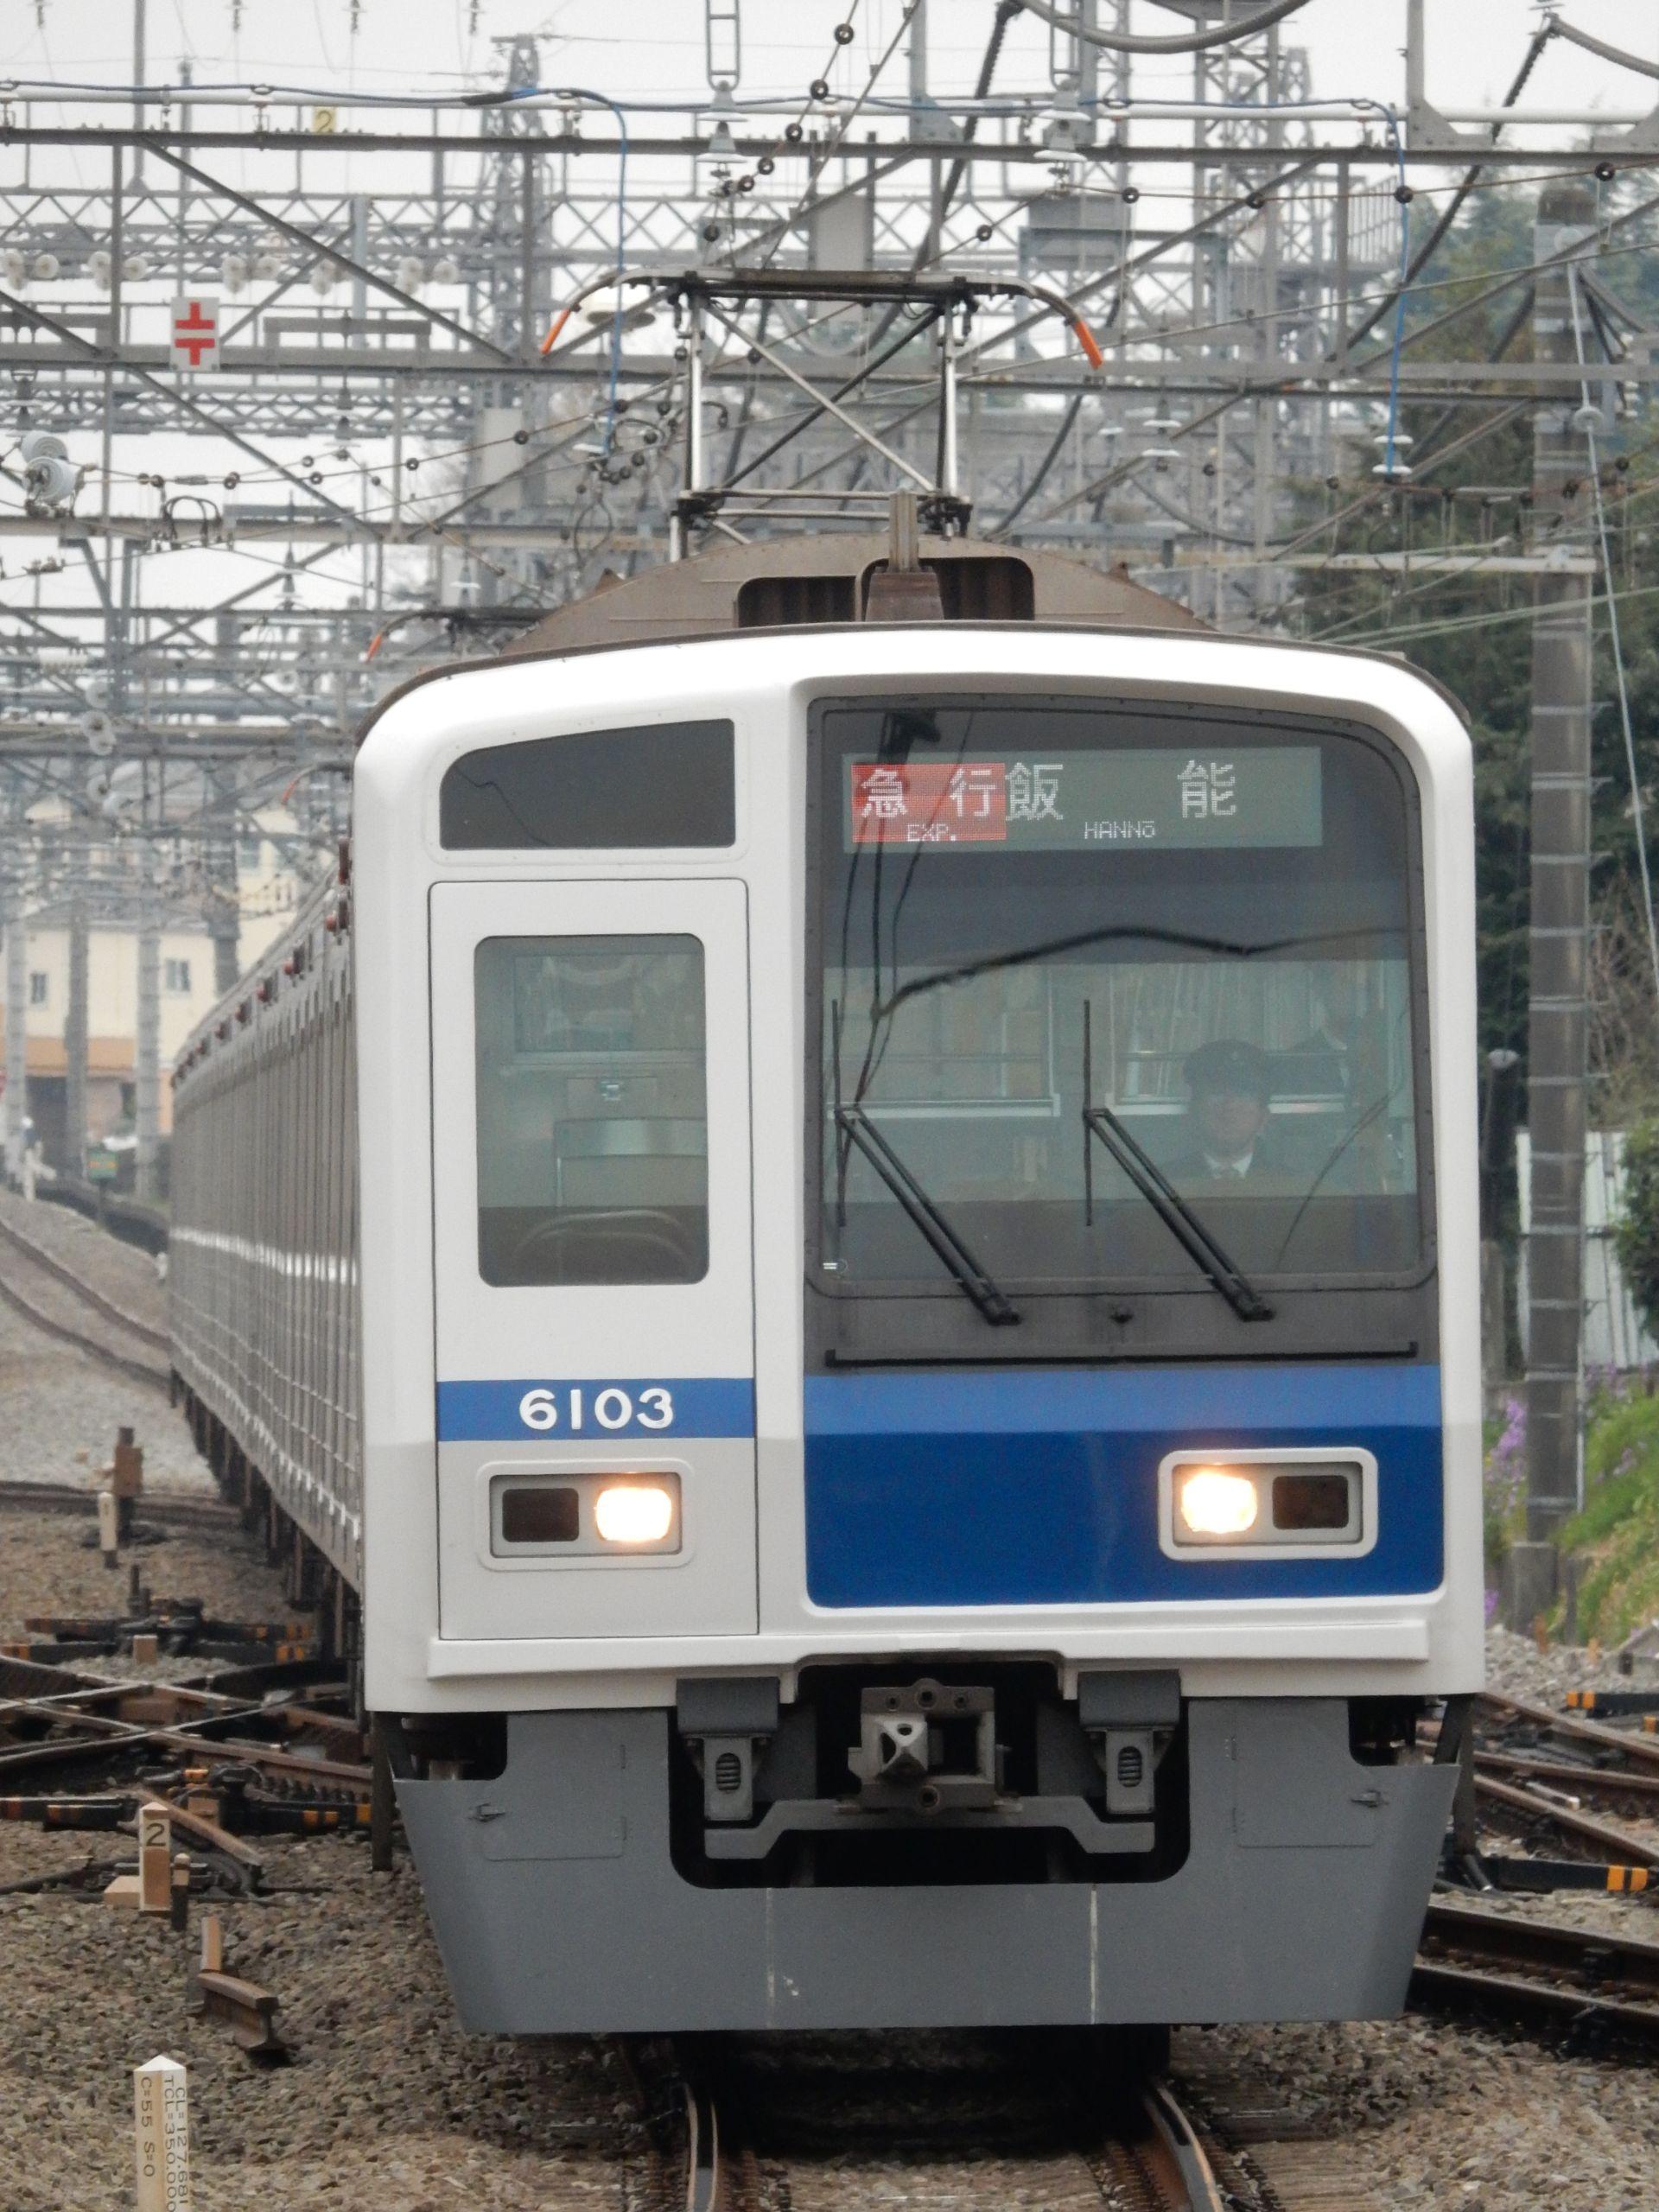 DSCN6637 - コピー